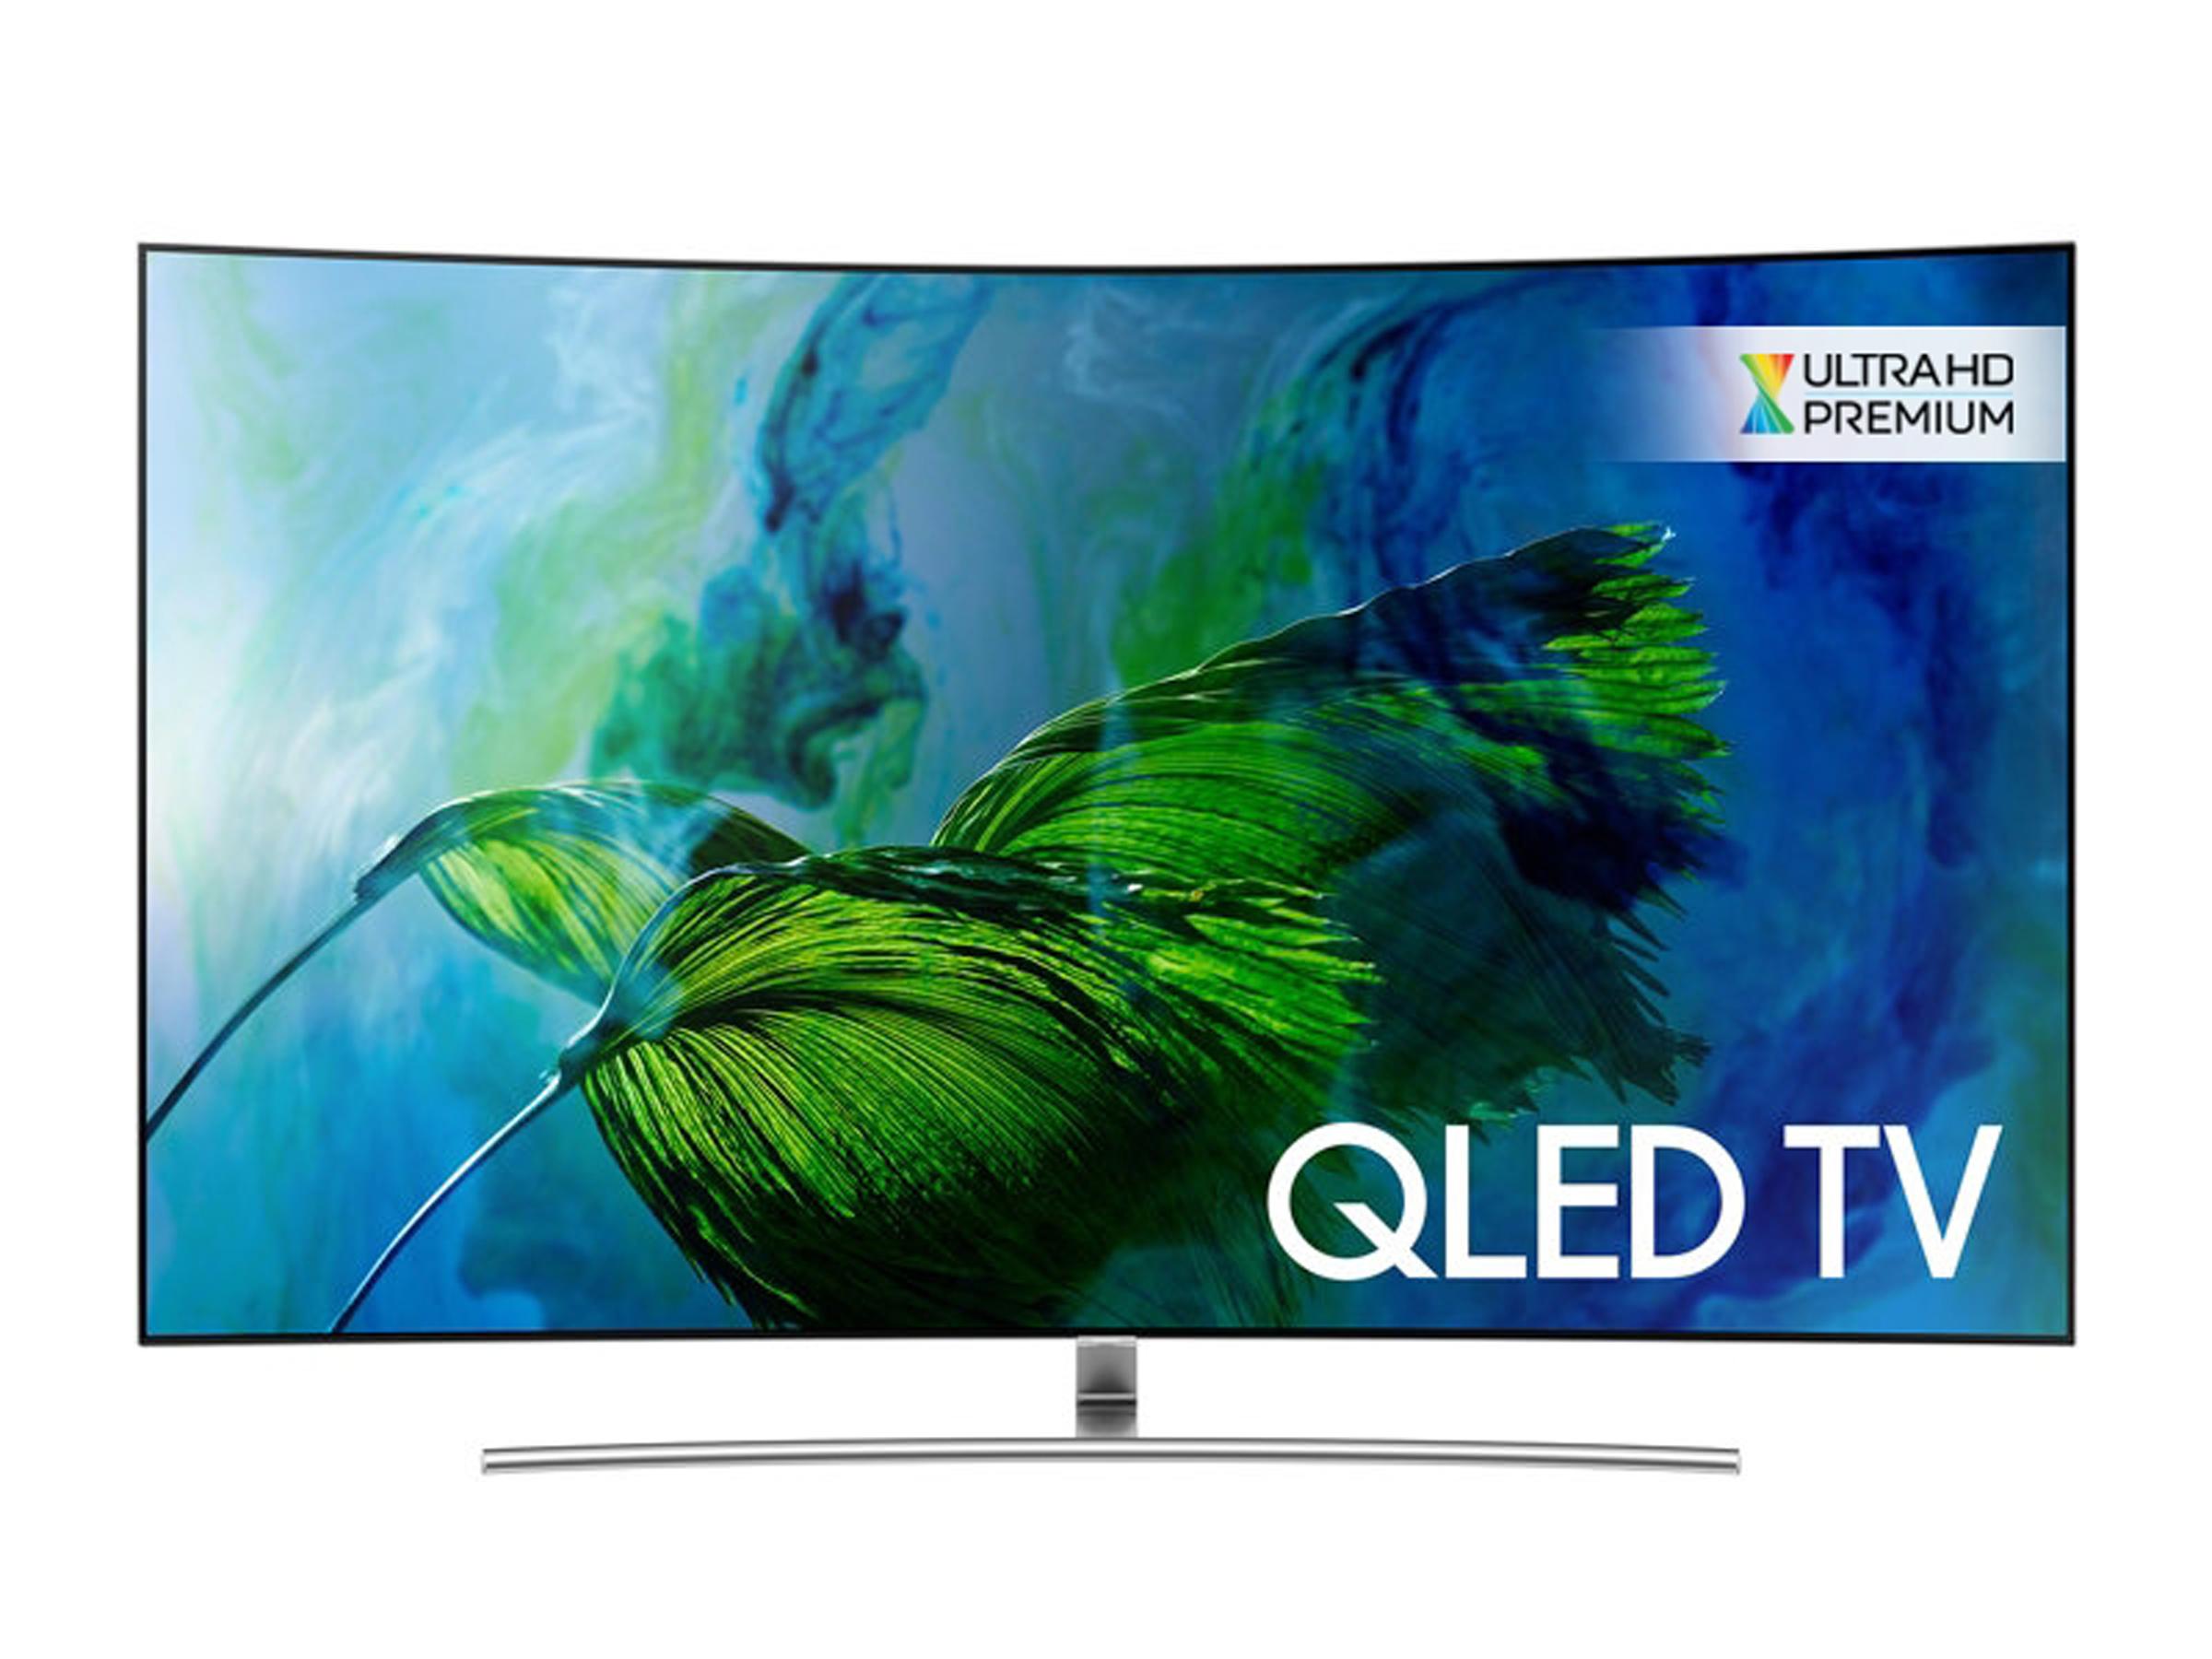 Chłodny Rynek TV i audio w Polsce: większe ekrany, coraz więcej IH41